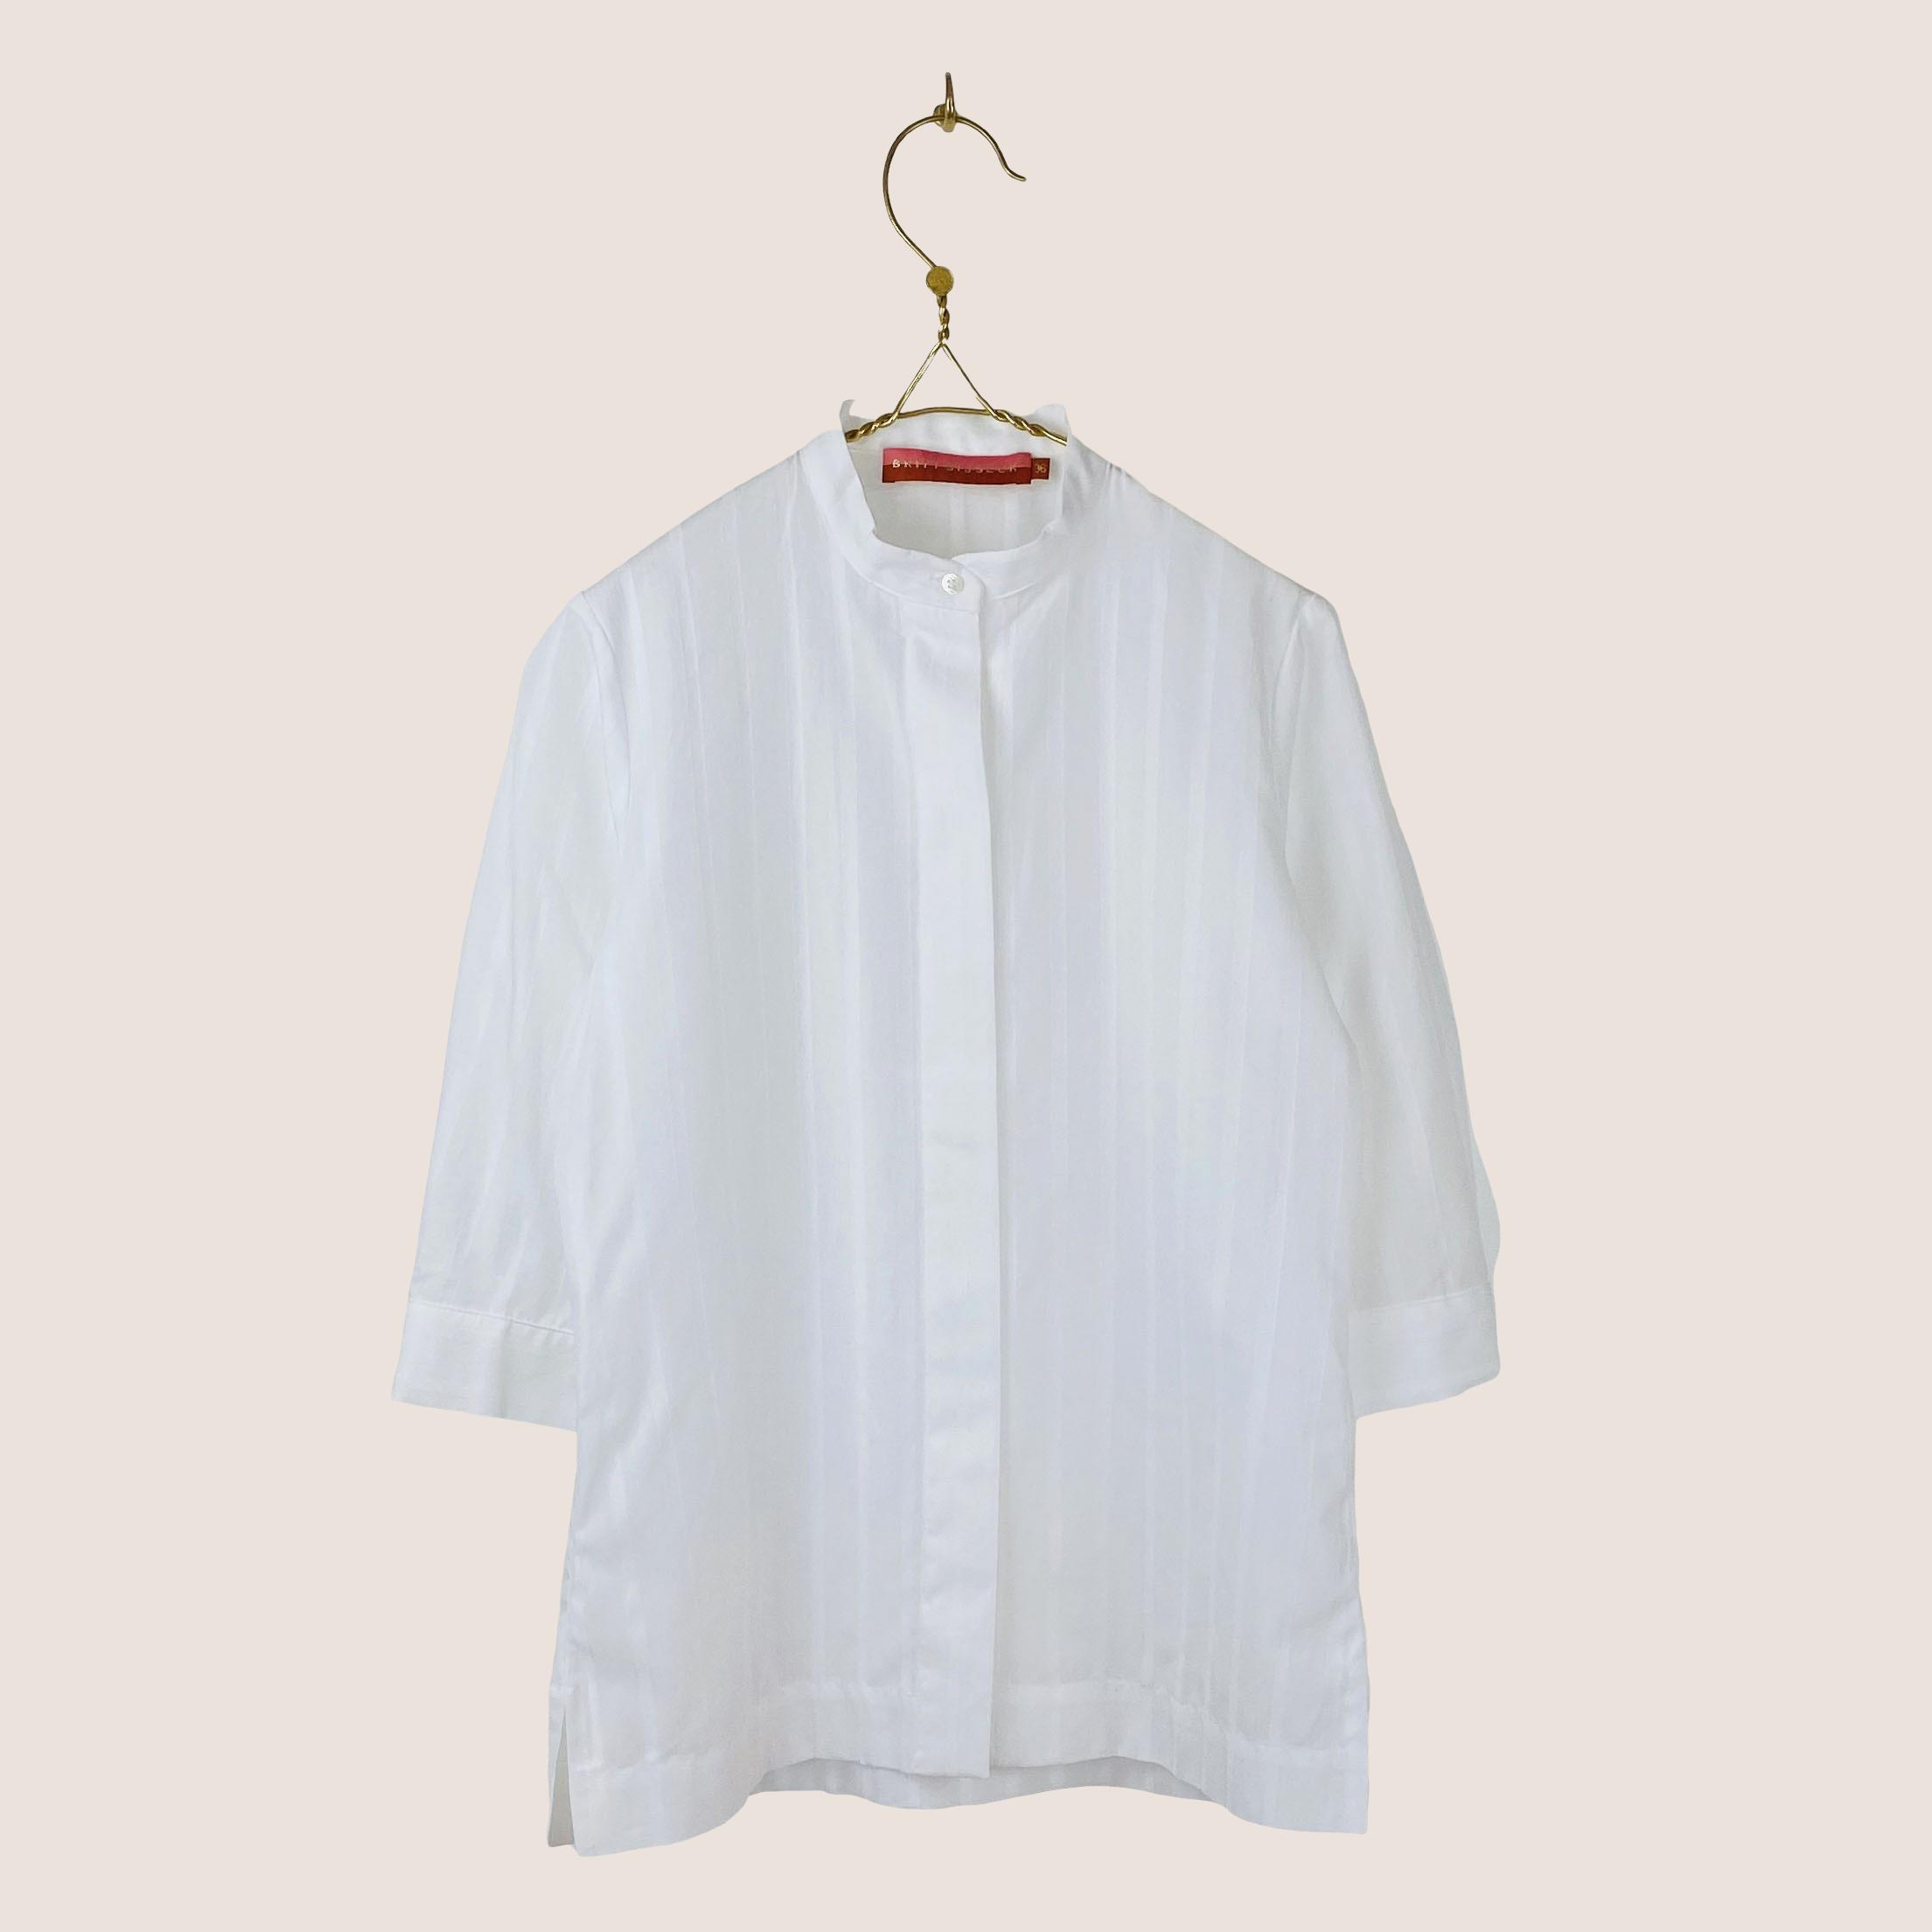 Dida Shirt